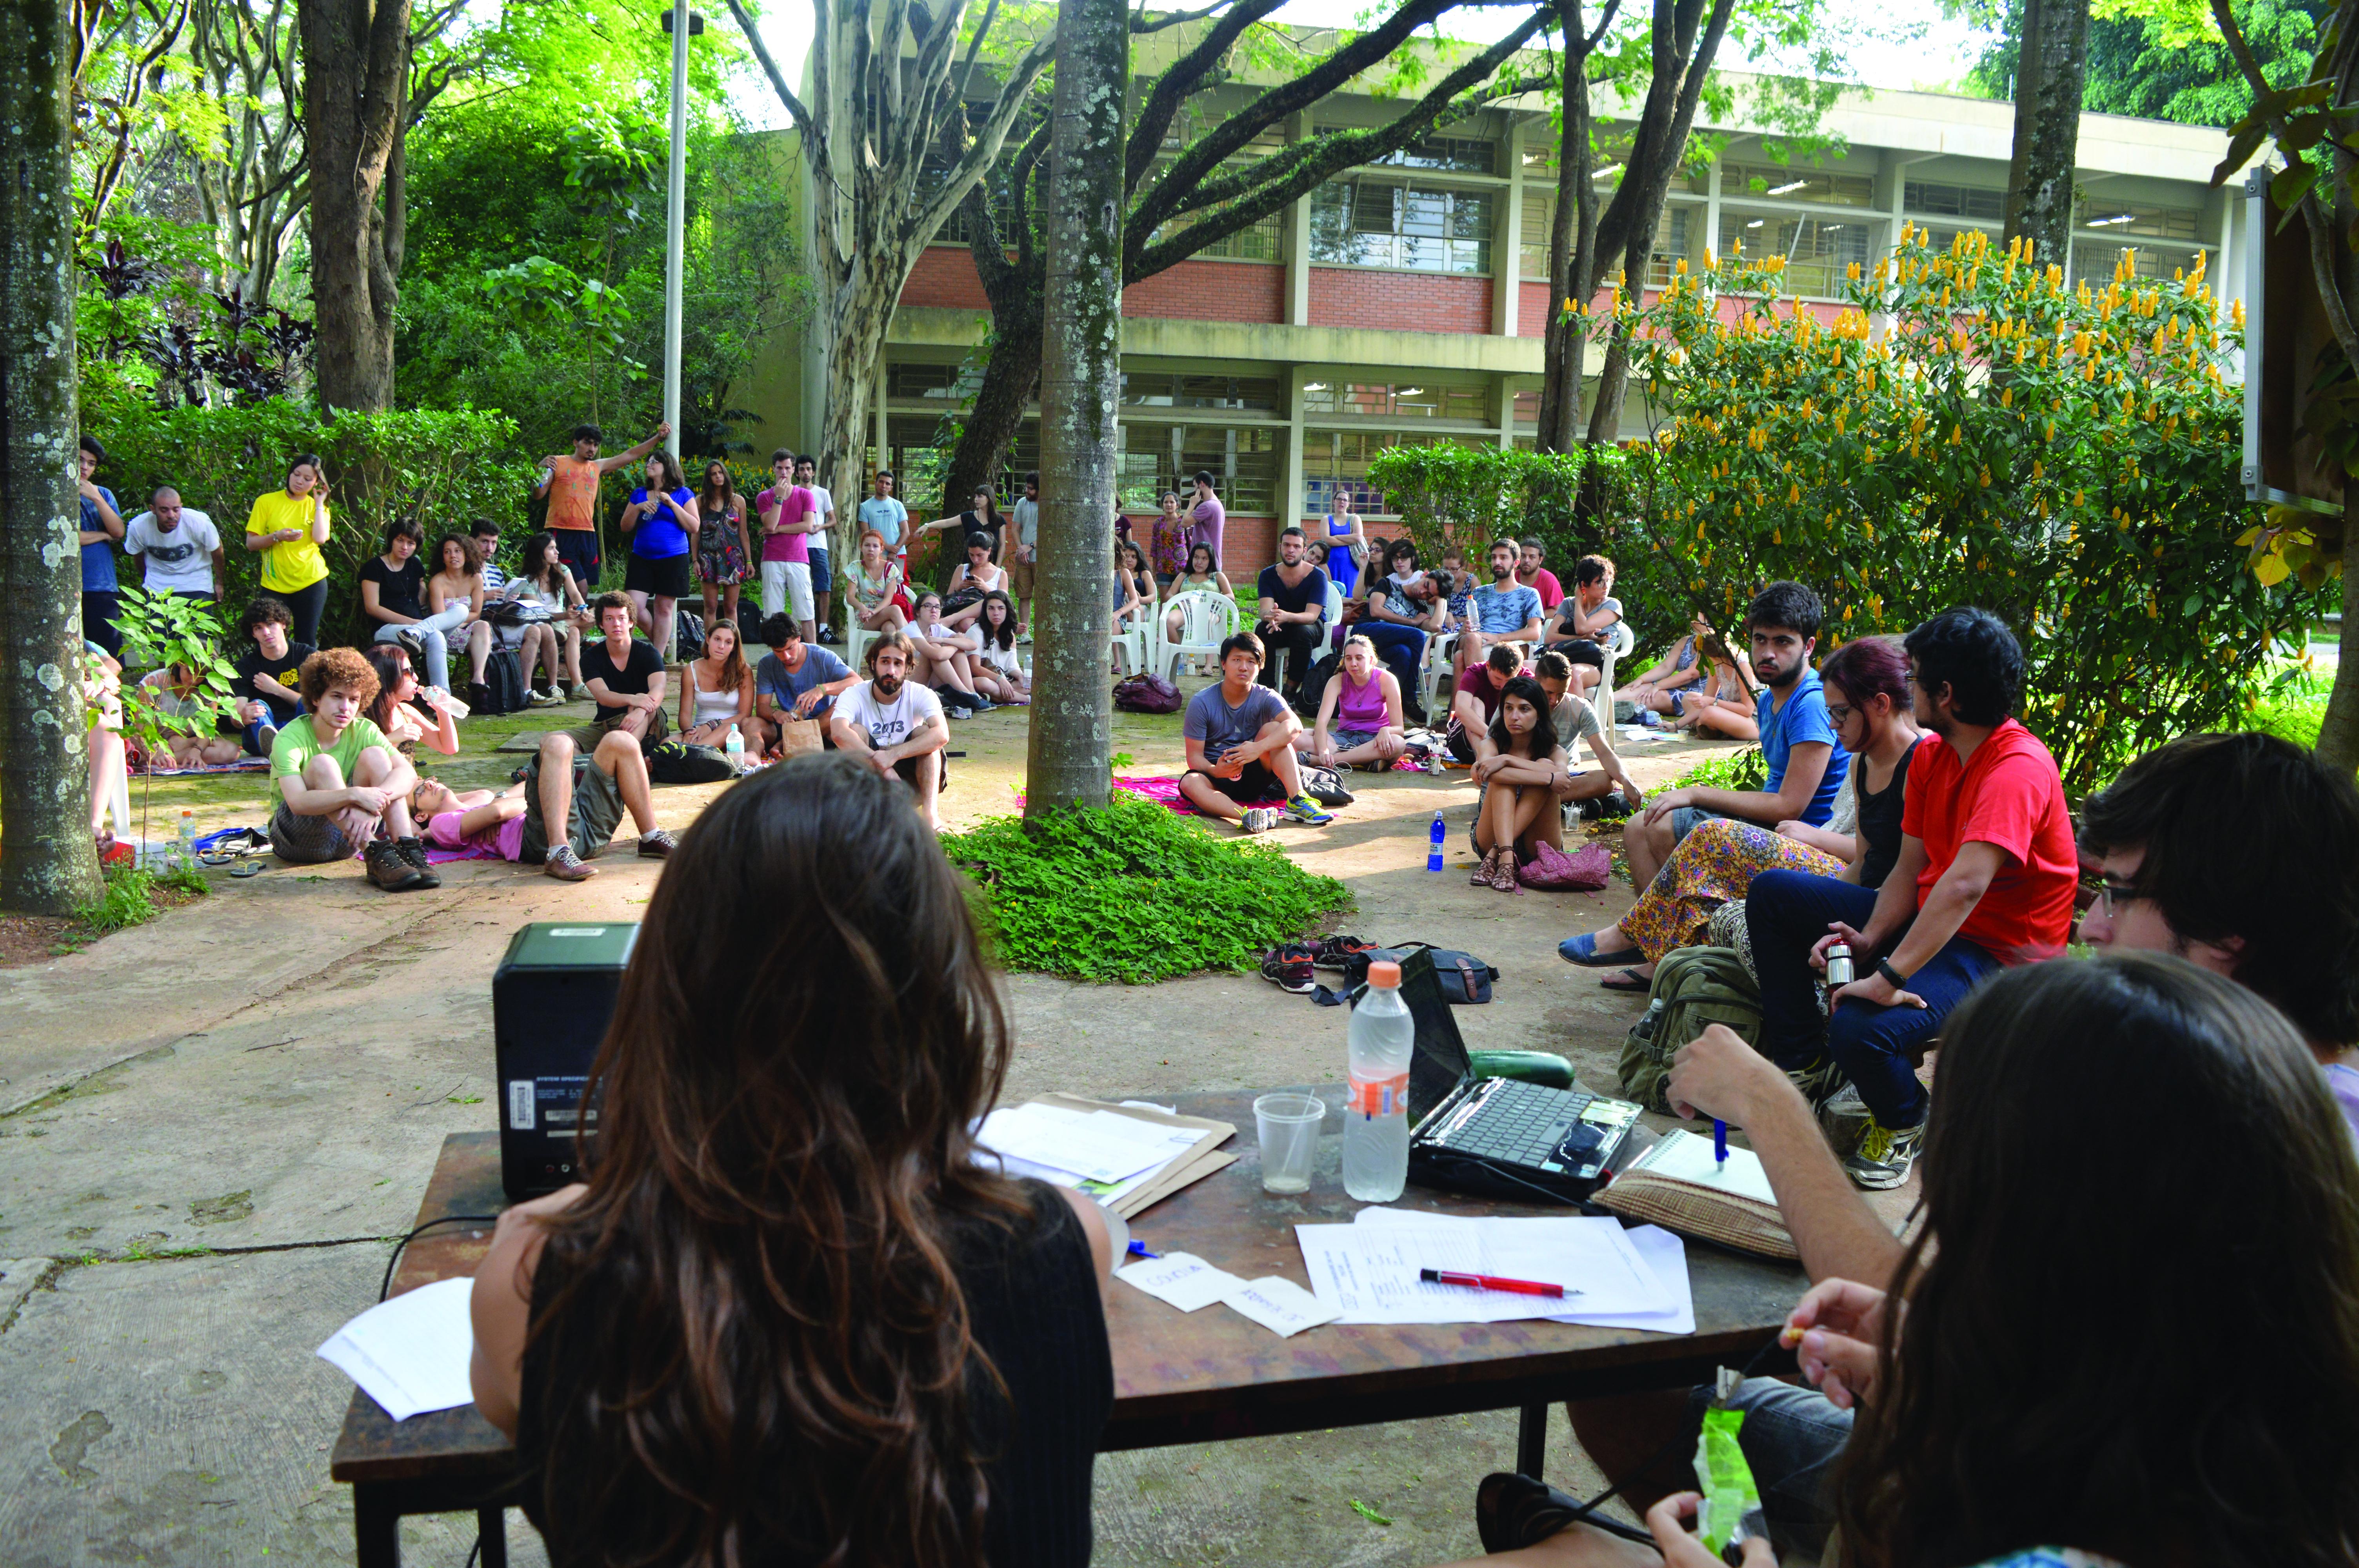 Estudantes do Instituto de Psicologia em assembleia no dia 16/10, no úiltimo dia de paralisação (Foto: Barbara Monfrinato)